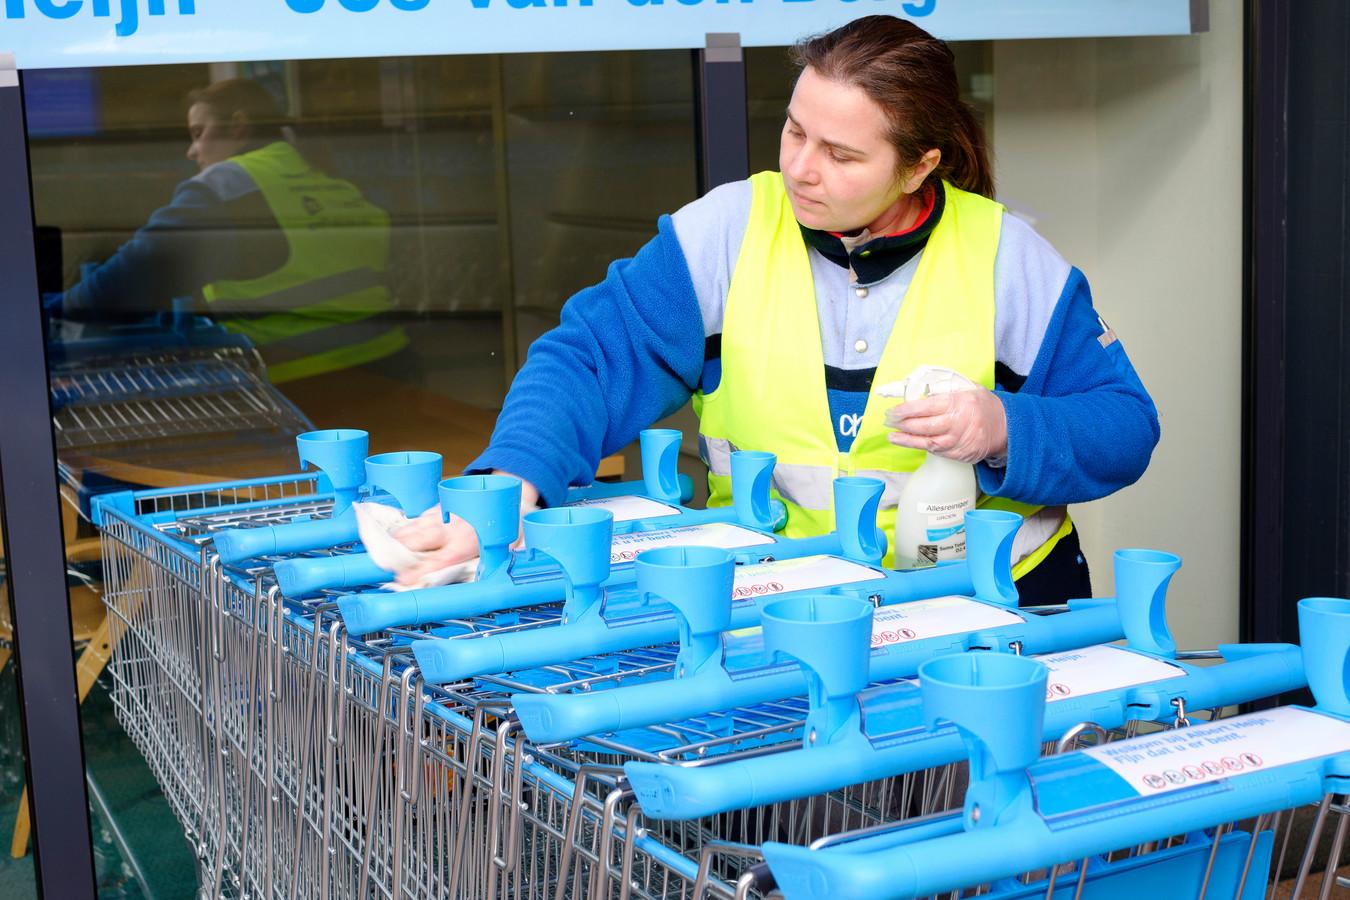 Albert Heijn komt met schoonmaakstations voor mandjes en wagentjes dat het reinigingswerk van personeel tijdelijk kan overnemen.